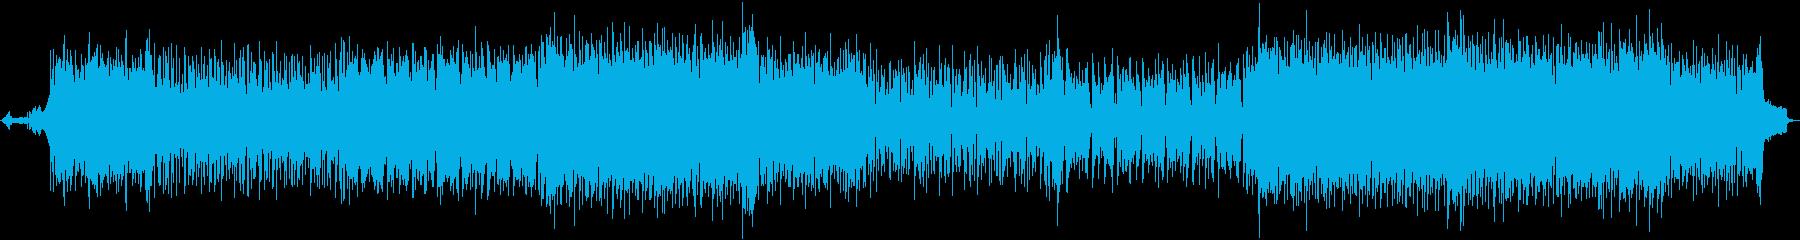 疾走感のあるアニメっぽいポップスの再生済みの波形